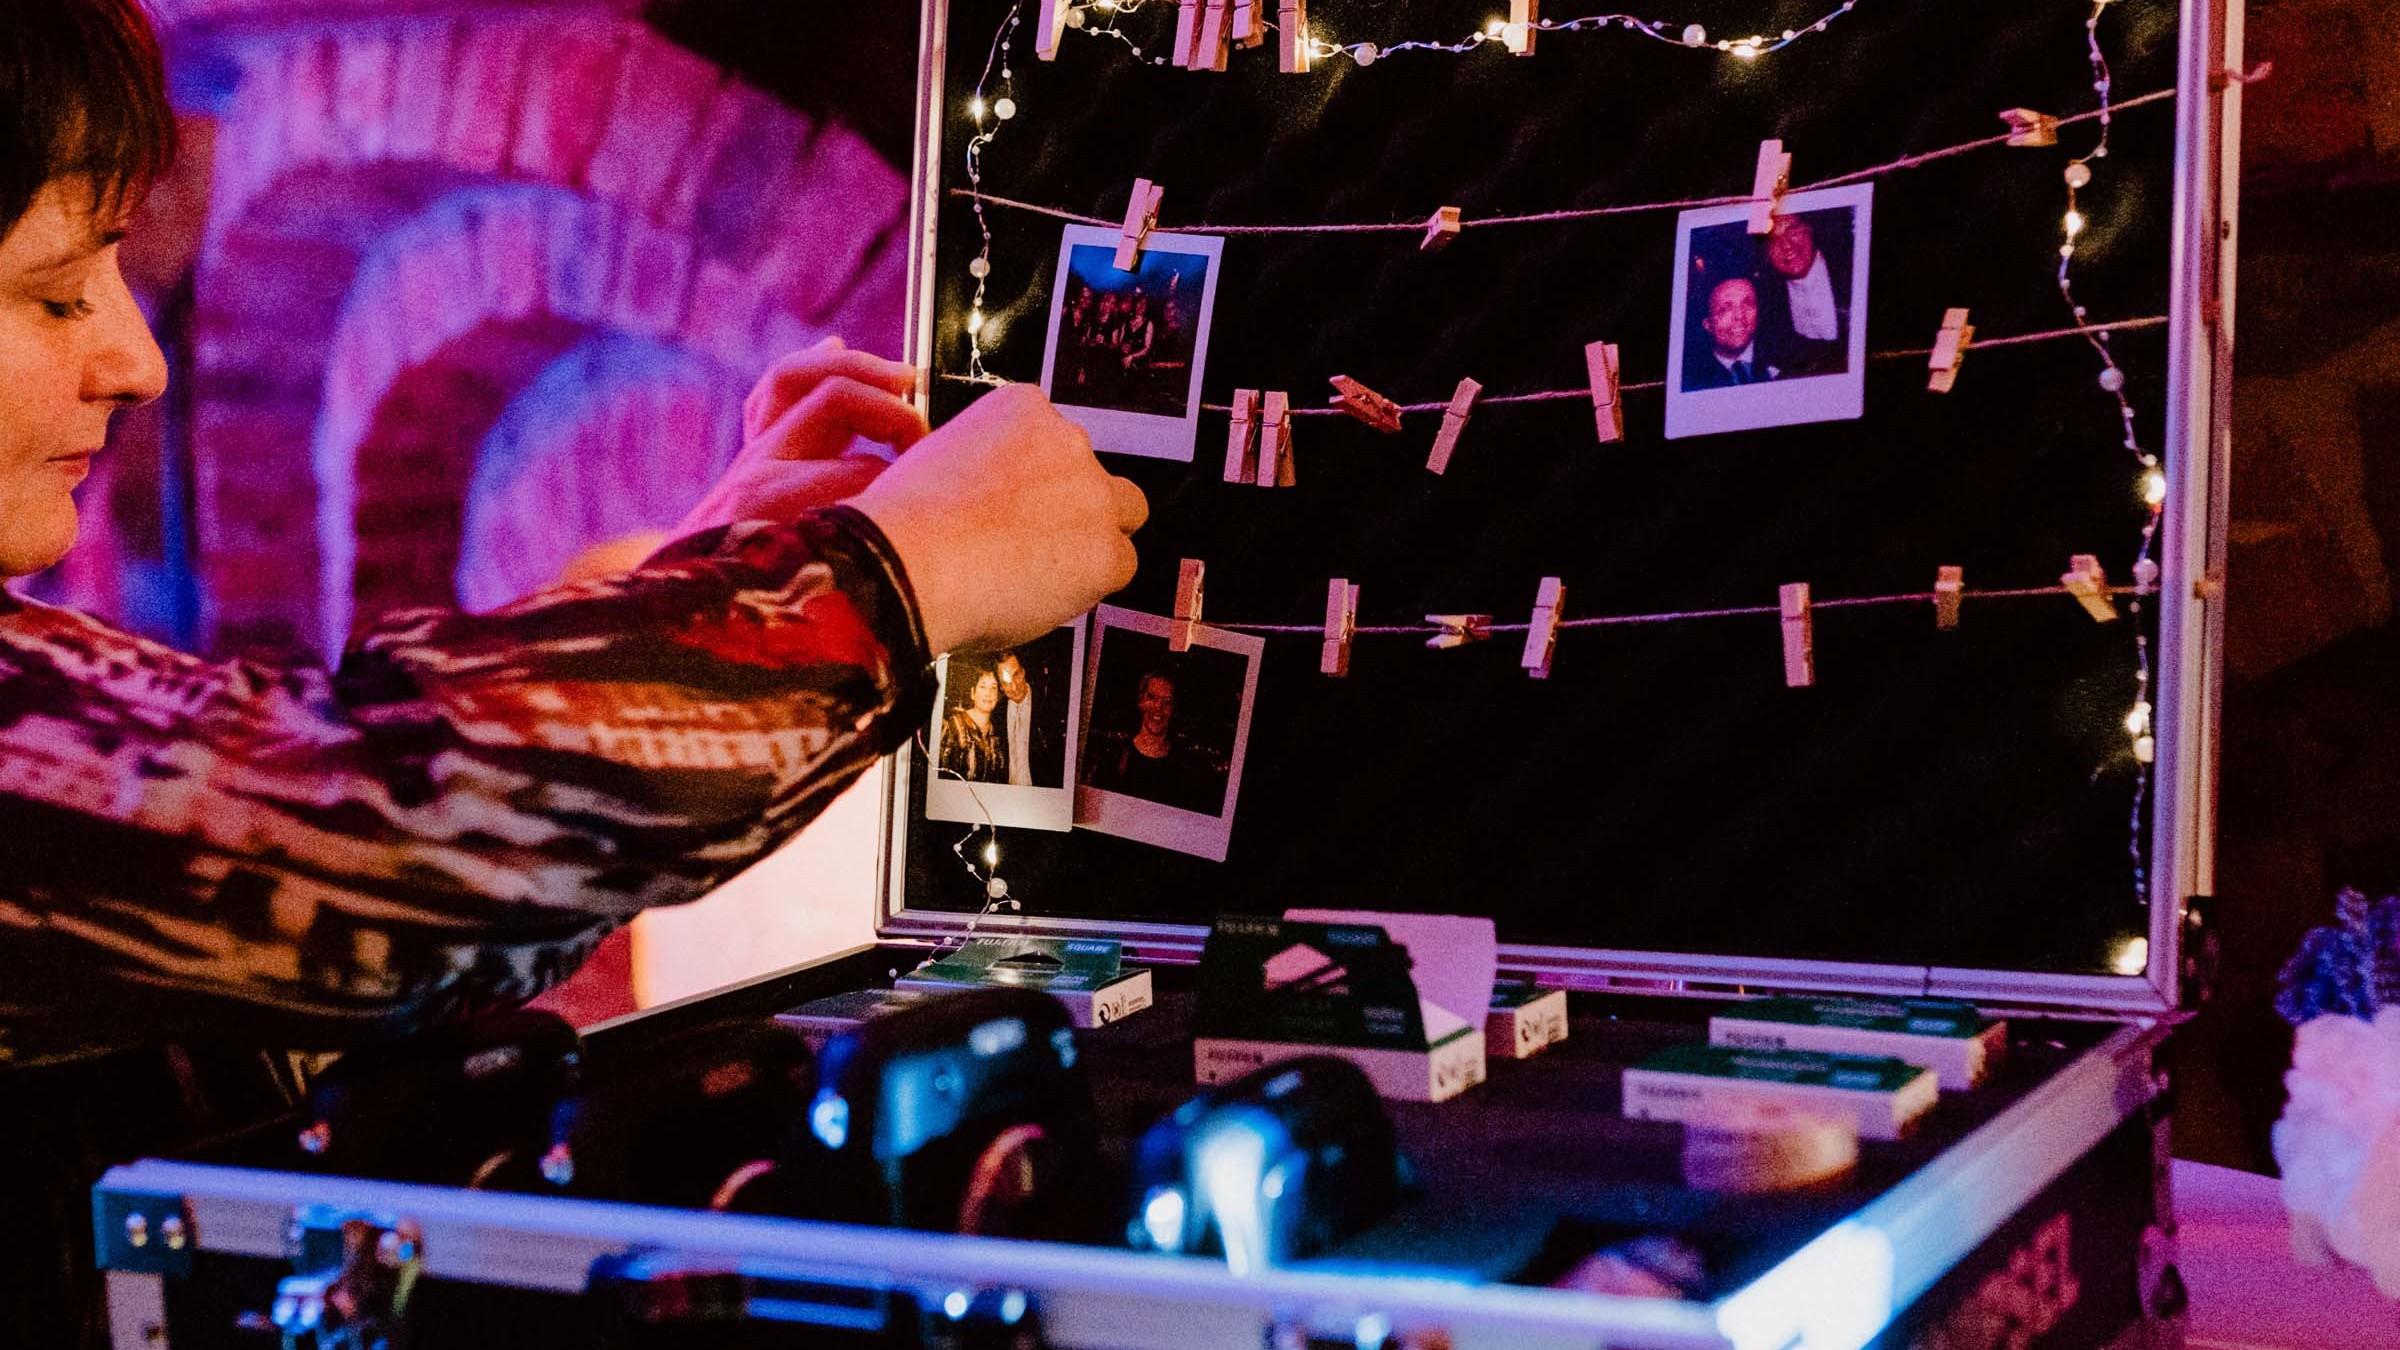 Glitzerplatte | Partner | Knipsel | Polaroid | Kamera | Mieten | Hochzeit | Polaroid | Fotograf | Set | Event | Mieten | Instax | Leihen | Event | Hochzeit | Sofortbildkamera